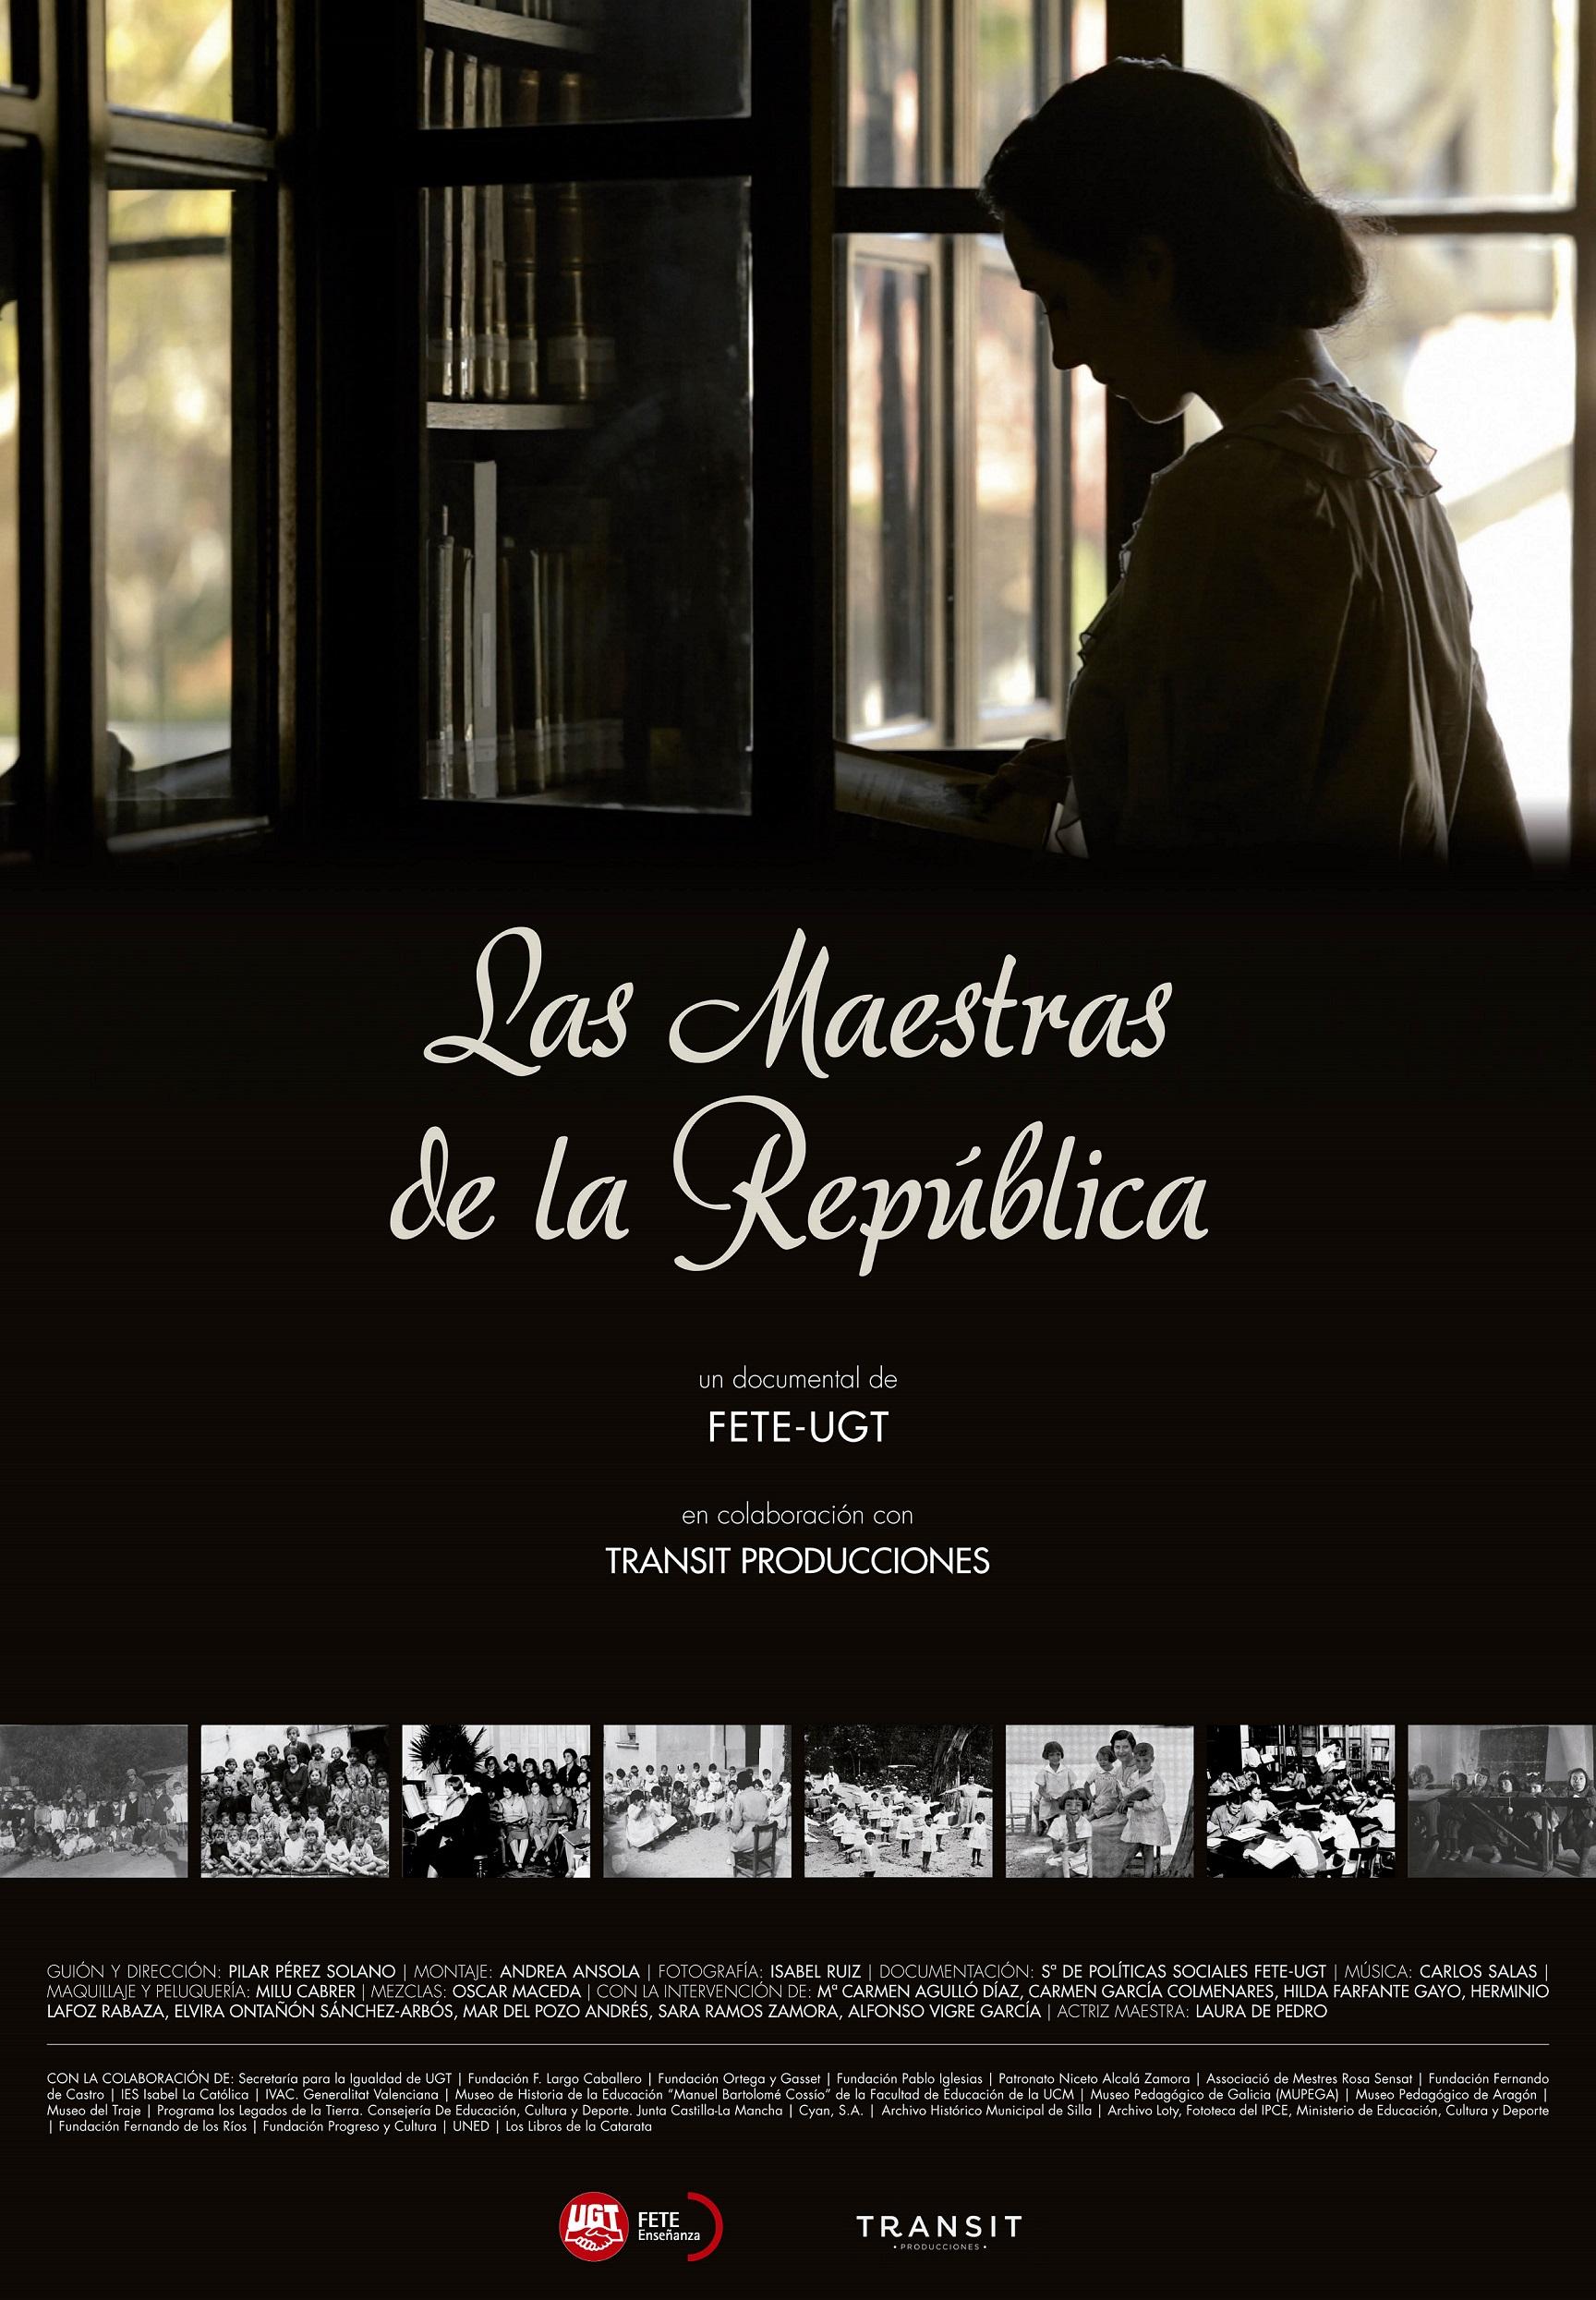 LAS MAESTRAS DE LA REPUBLICA DIGT